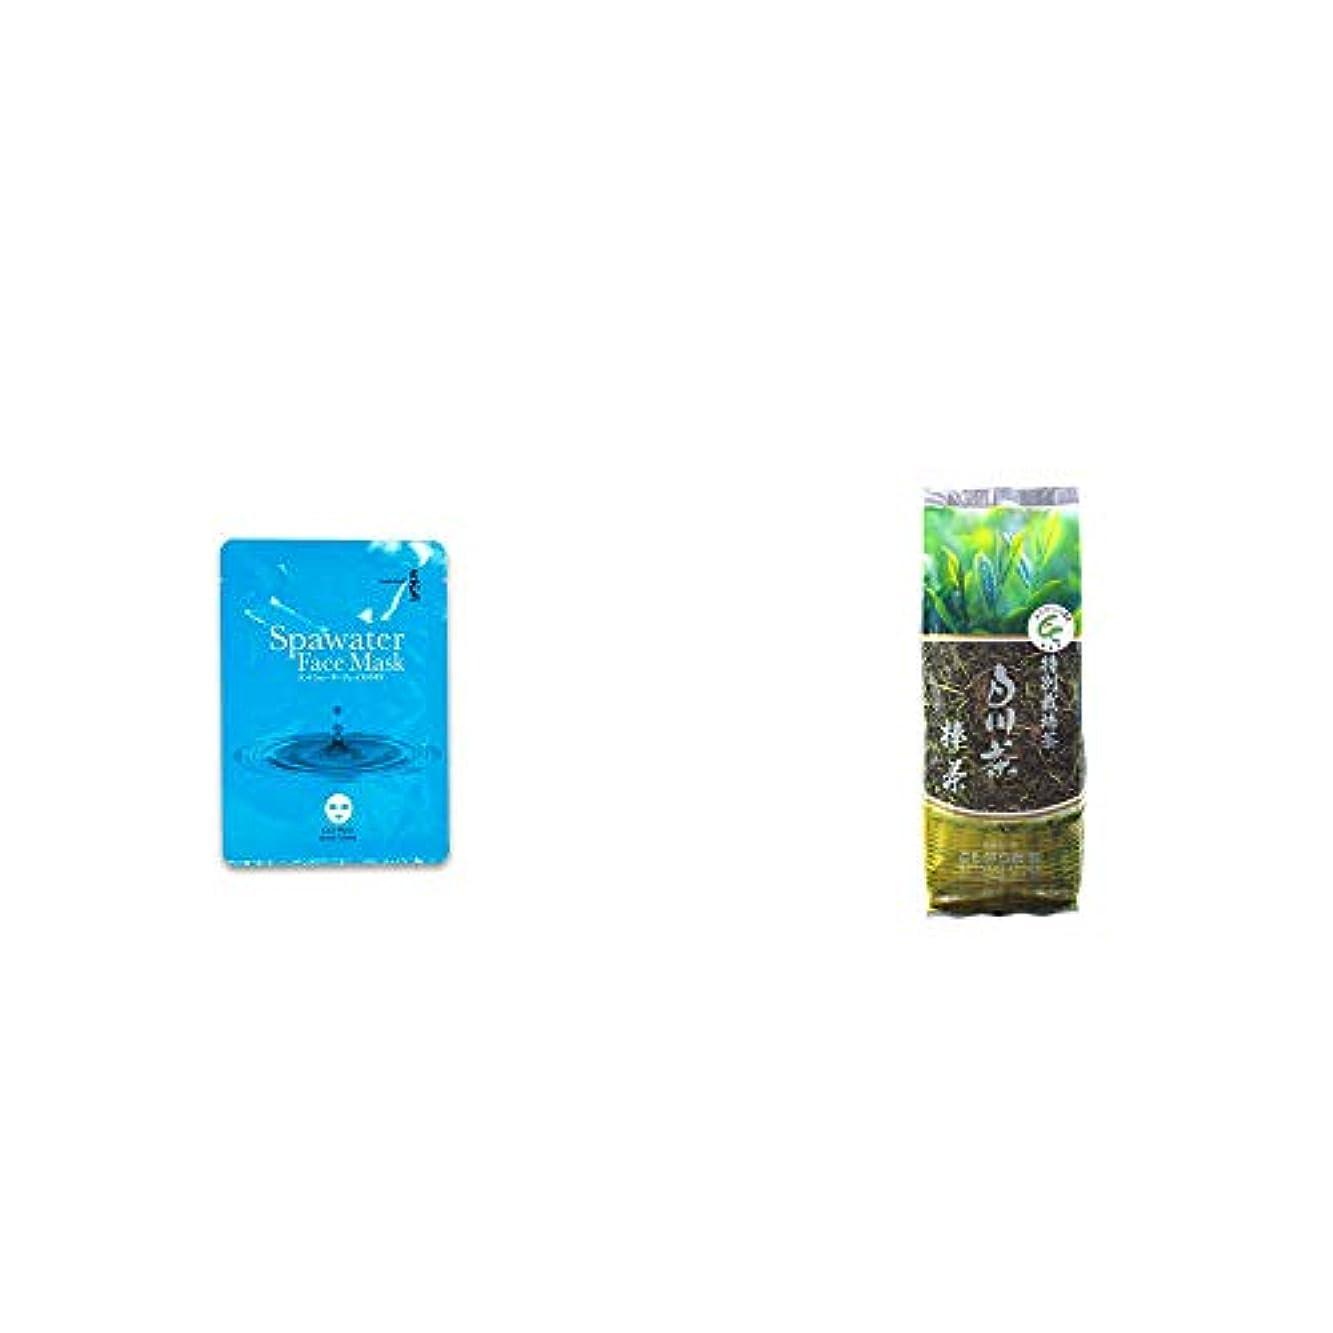 ドーム奪う請う[2点セット] ひのき炭黒泉 スパウォーターフェイスマスク(18ml×3枚入)?白川茶 特別栽培茶【棒茶】(150g)